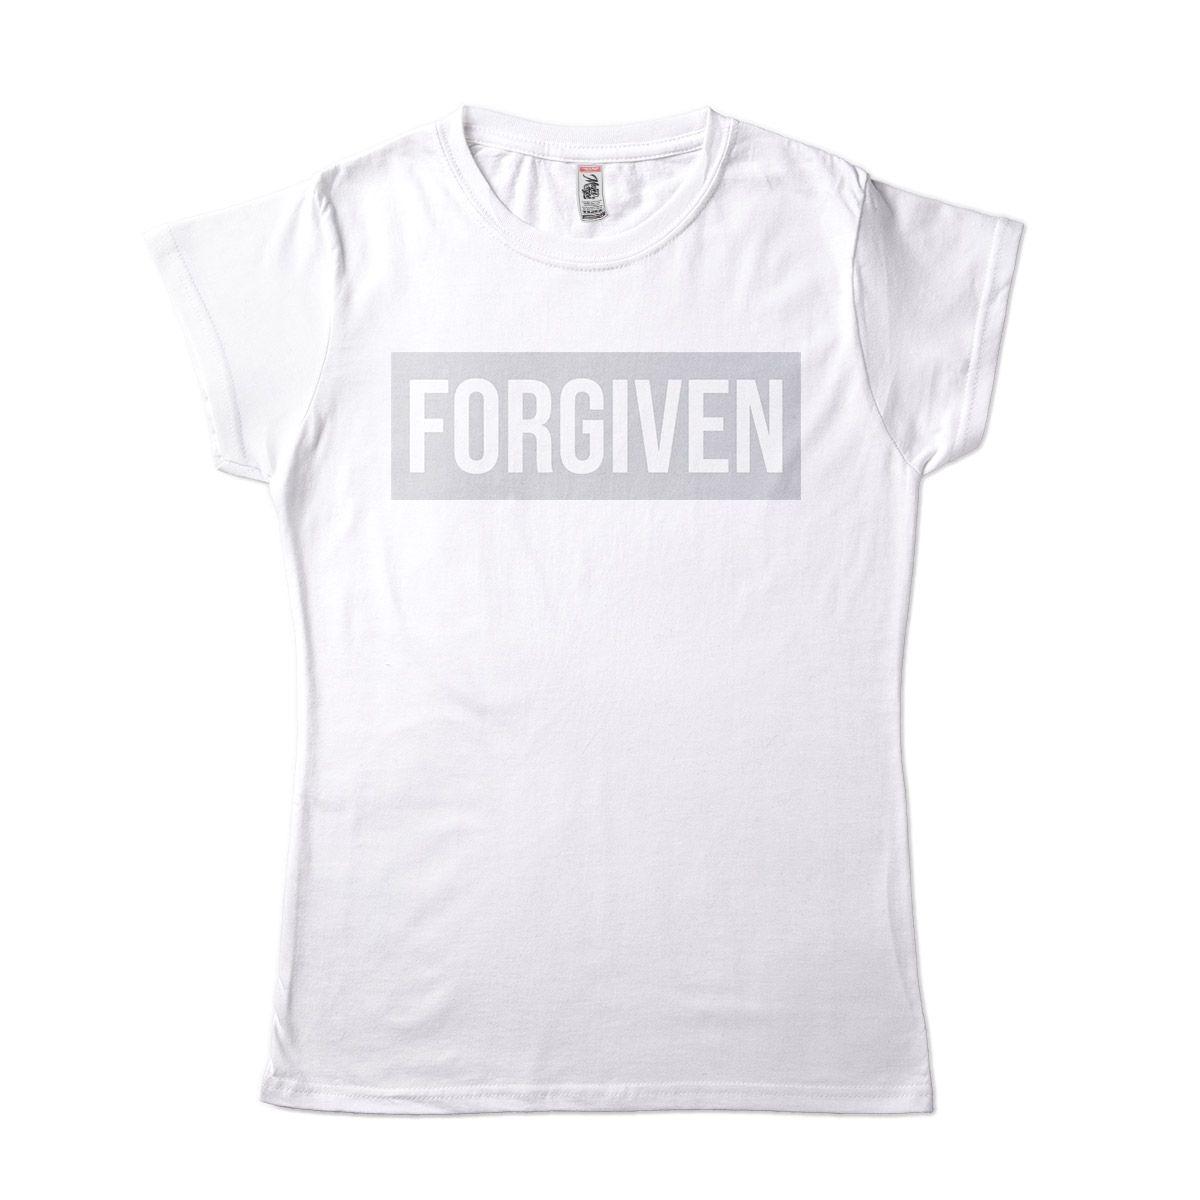 Camiseta Frases Tumblr Forgiven Camisa Religiosa Perdao